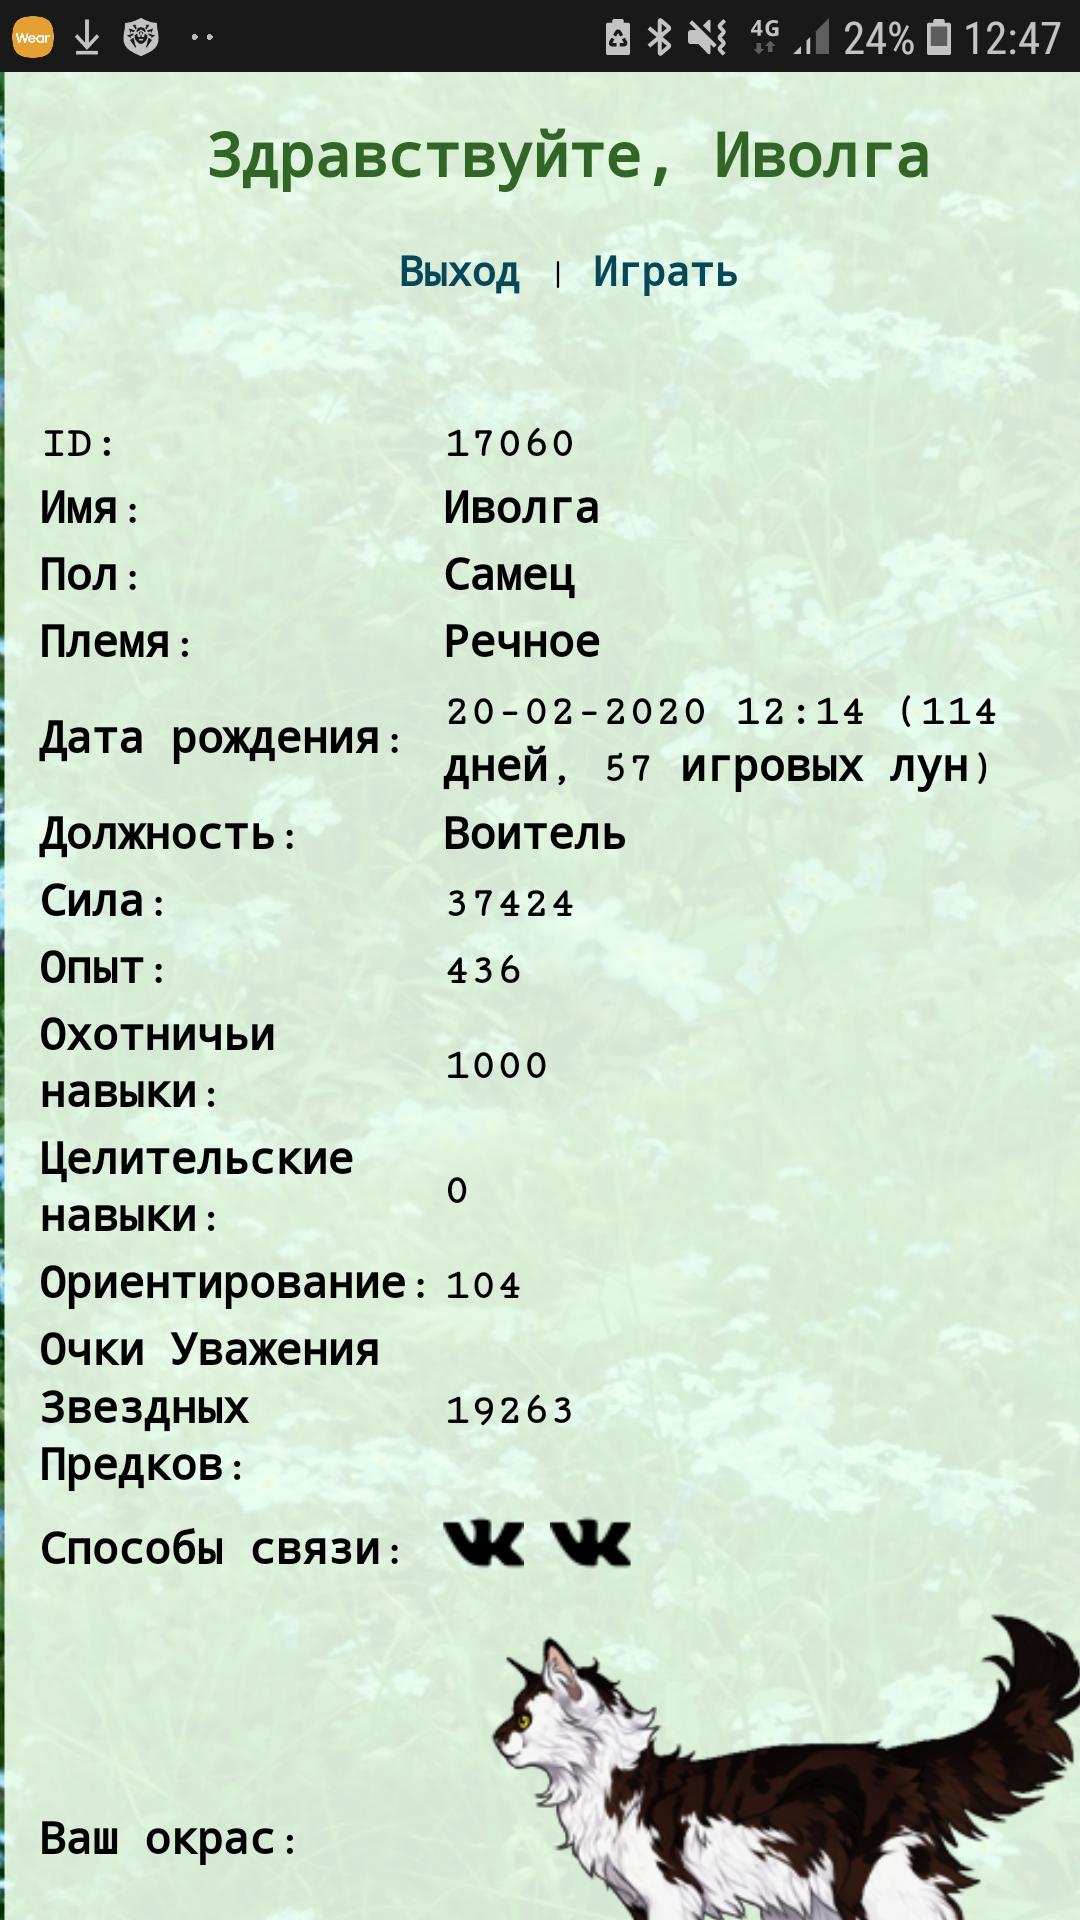 http://d.zaix.ru/kBs9.jpg